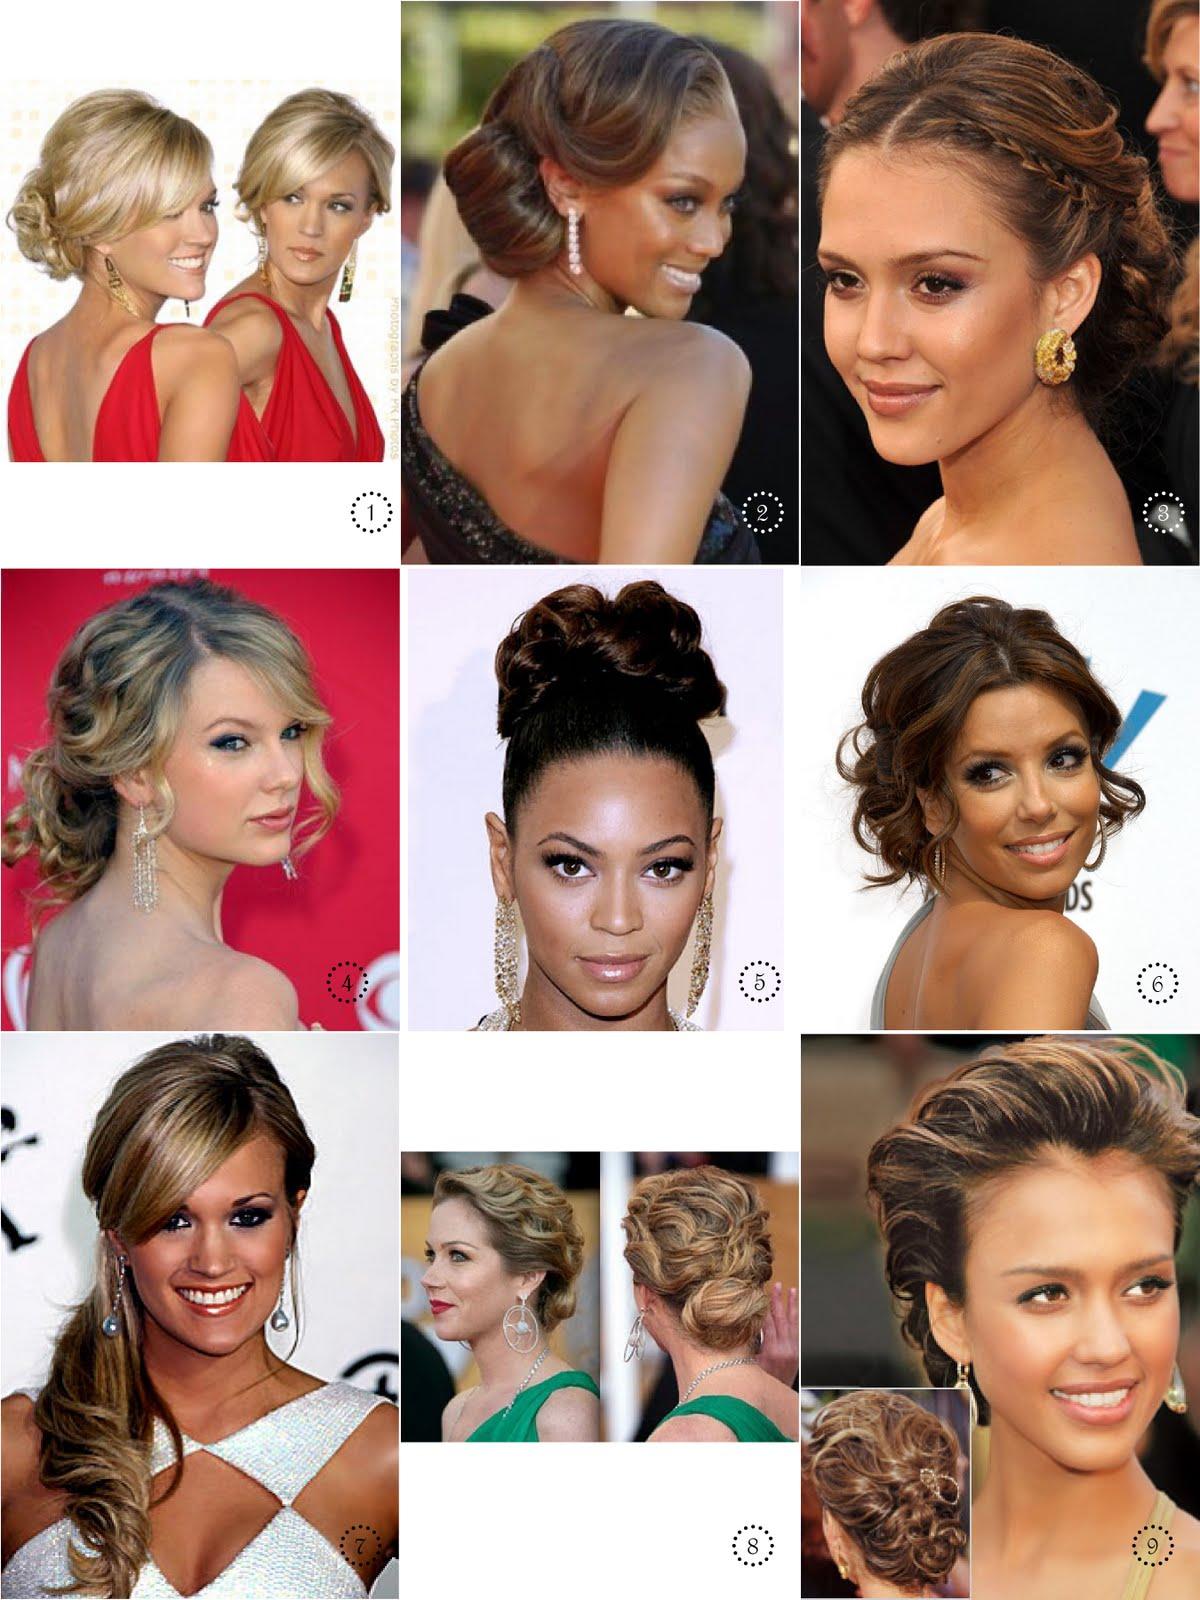 http://2.bp.blogspot.com/-VY6uGlpj_lc/TfT3vGpbXxI/AAAAAAAAG7c/sxp6I4xkvPs/s1600/CelebrityUpdos.jpg